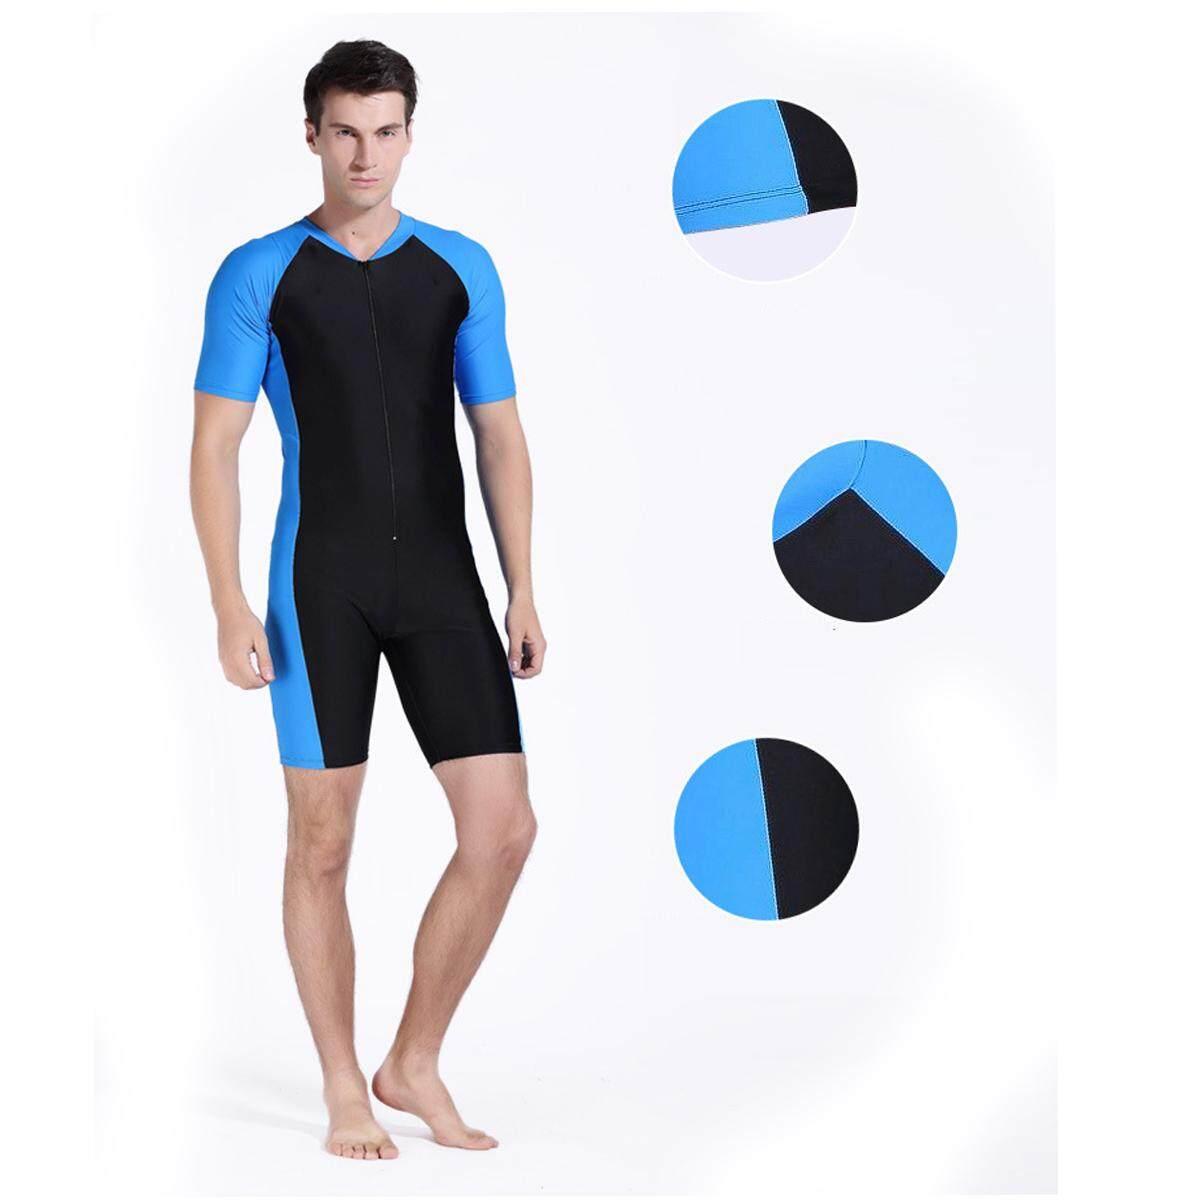 Mens Stretch Short Wetsuit Surf Swim Diving Zipper Wet Suit Quick-Drying S-Xxl By Audew.